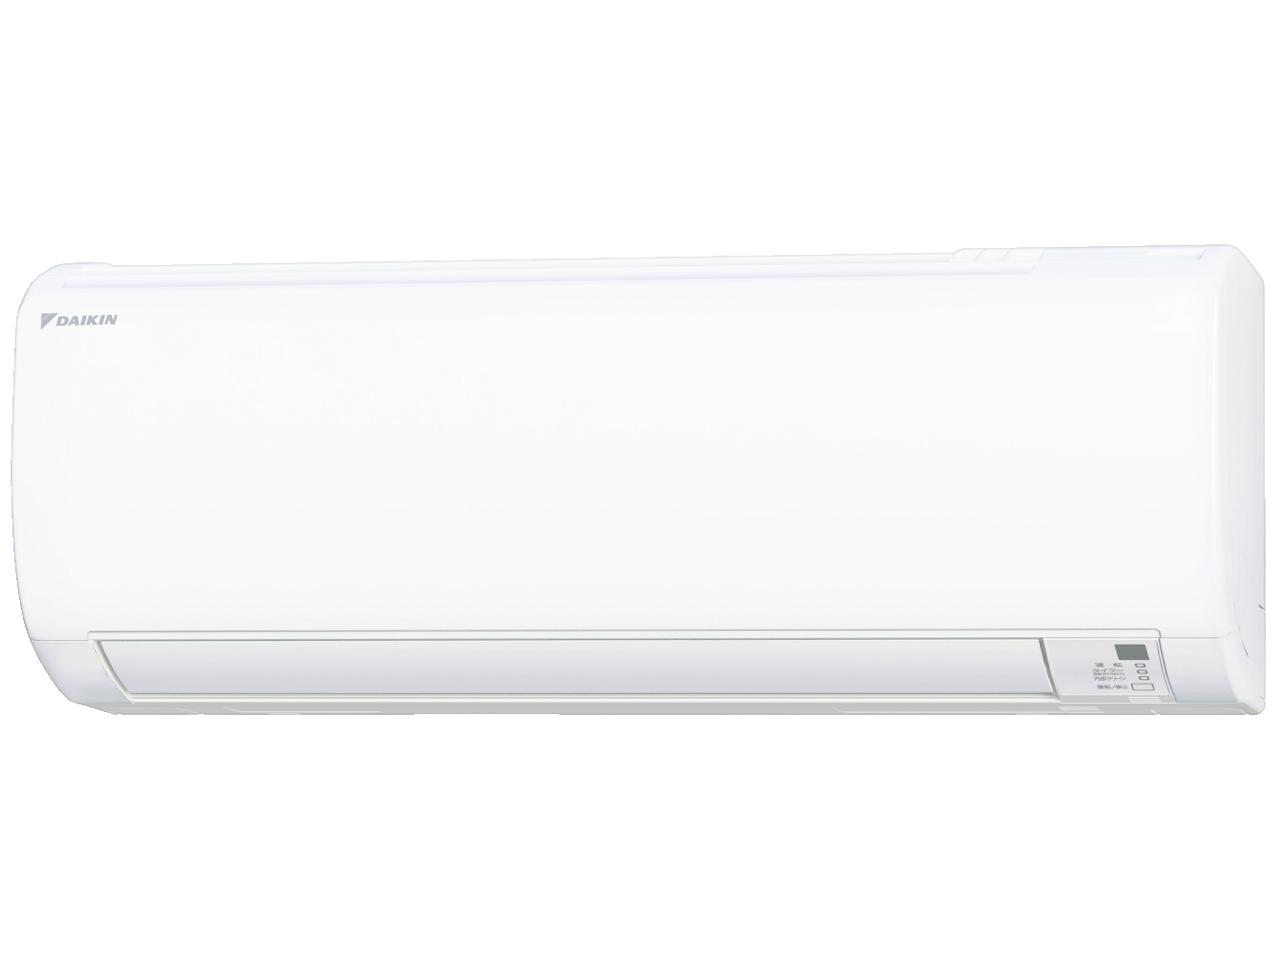 ダイキン 19年モデル Eシリーズ S36WTES-W 【100V用】12畳用冷暖房除湿エアコン